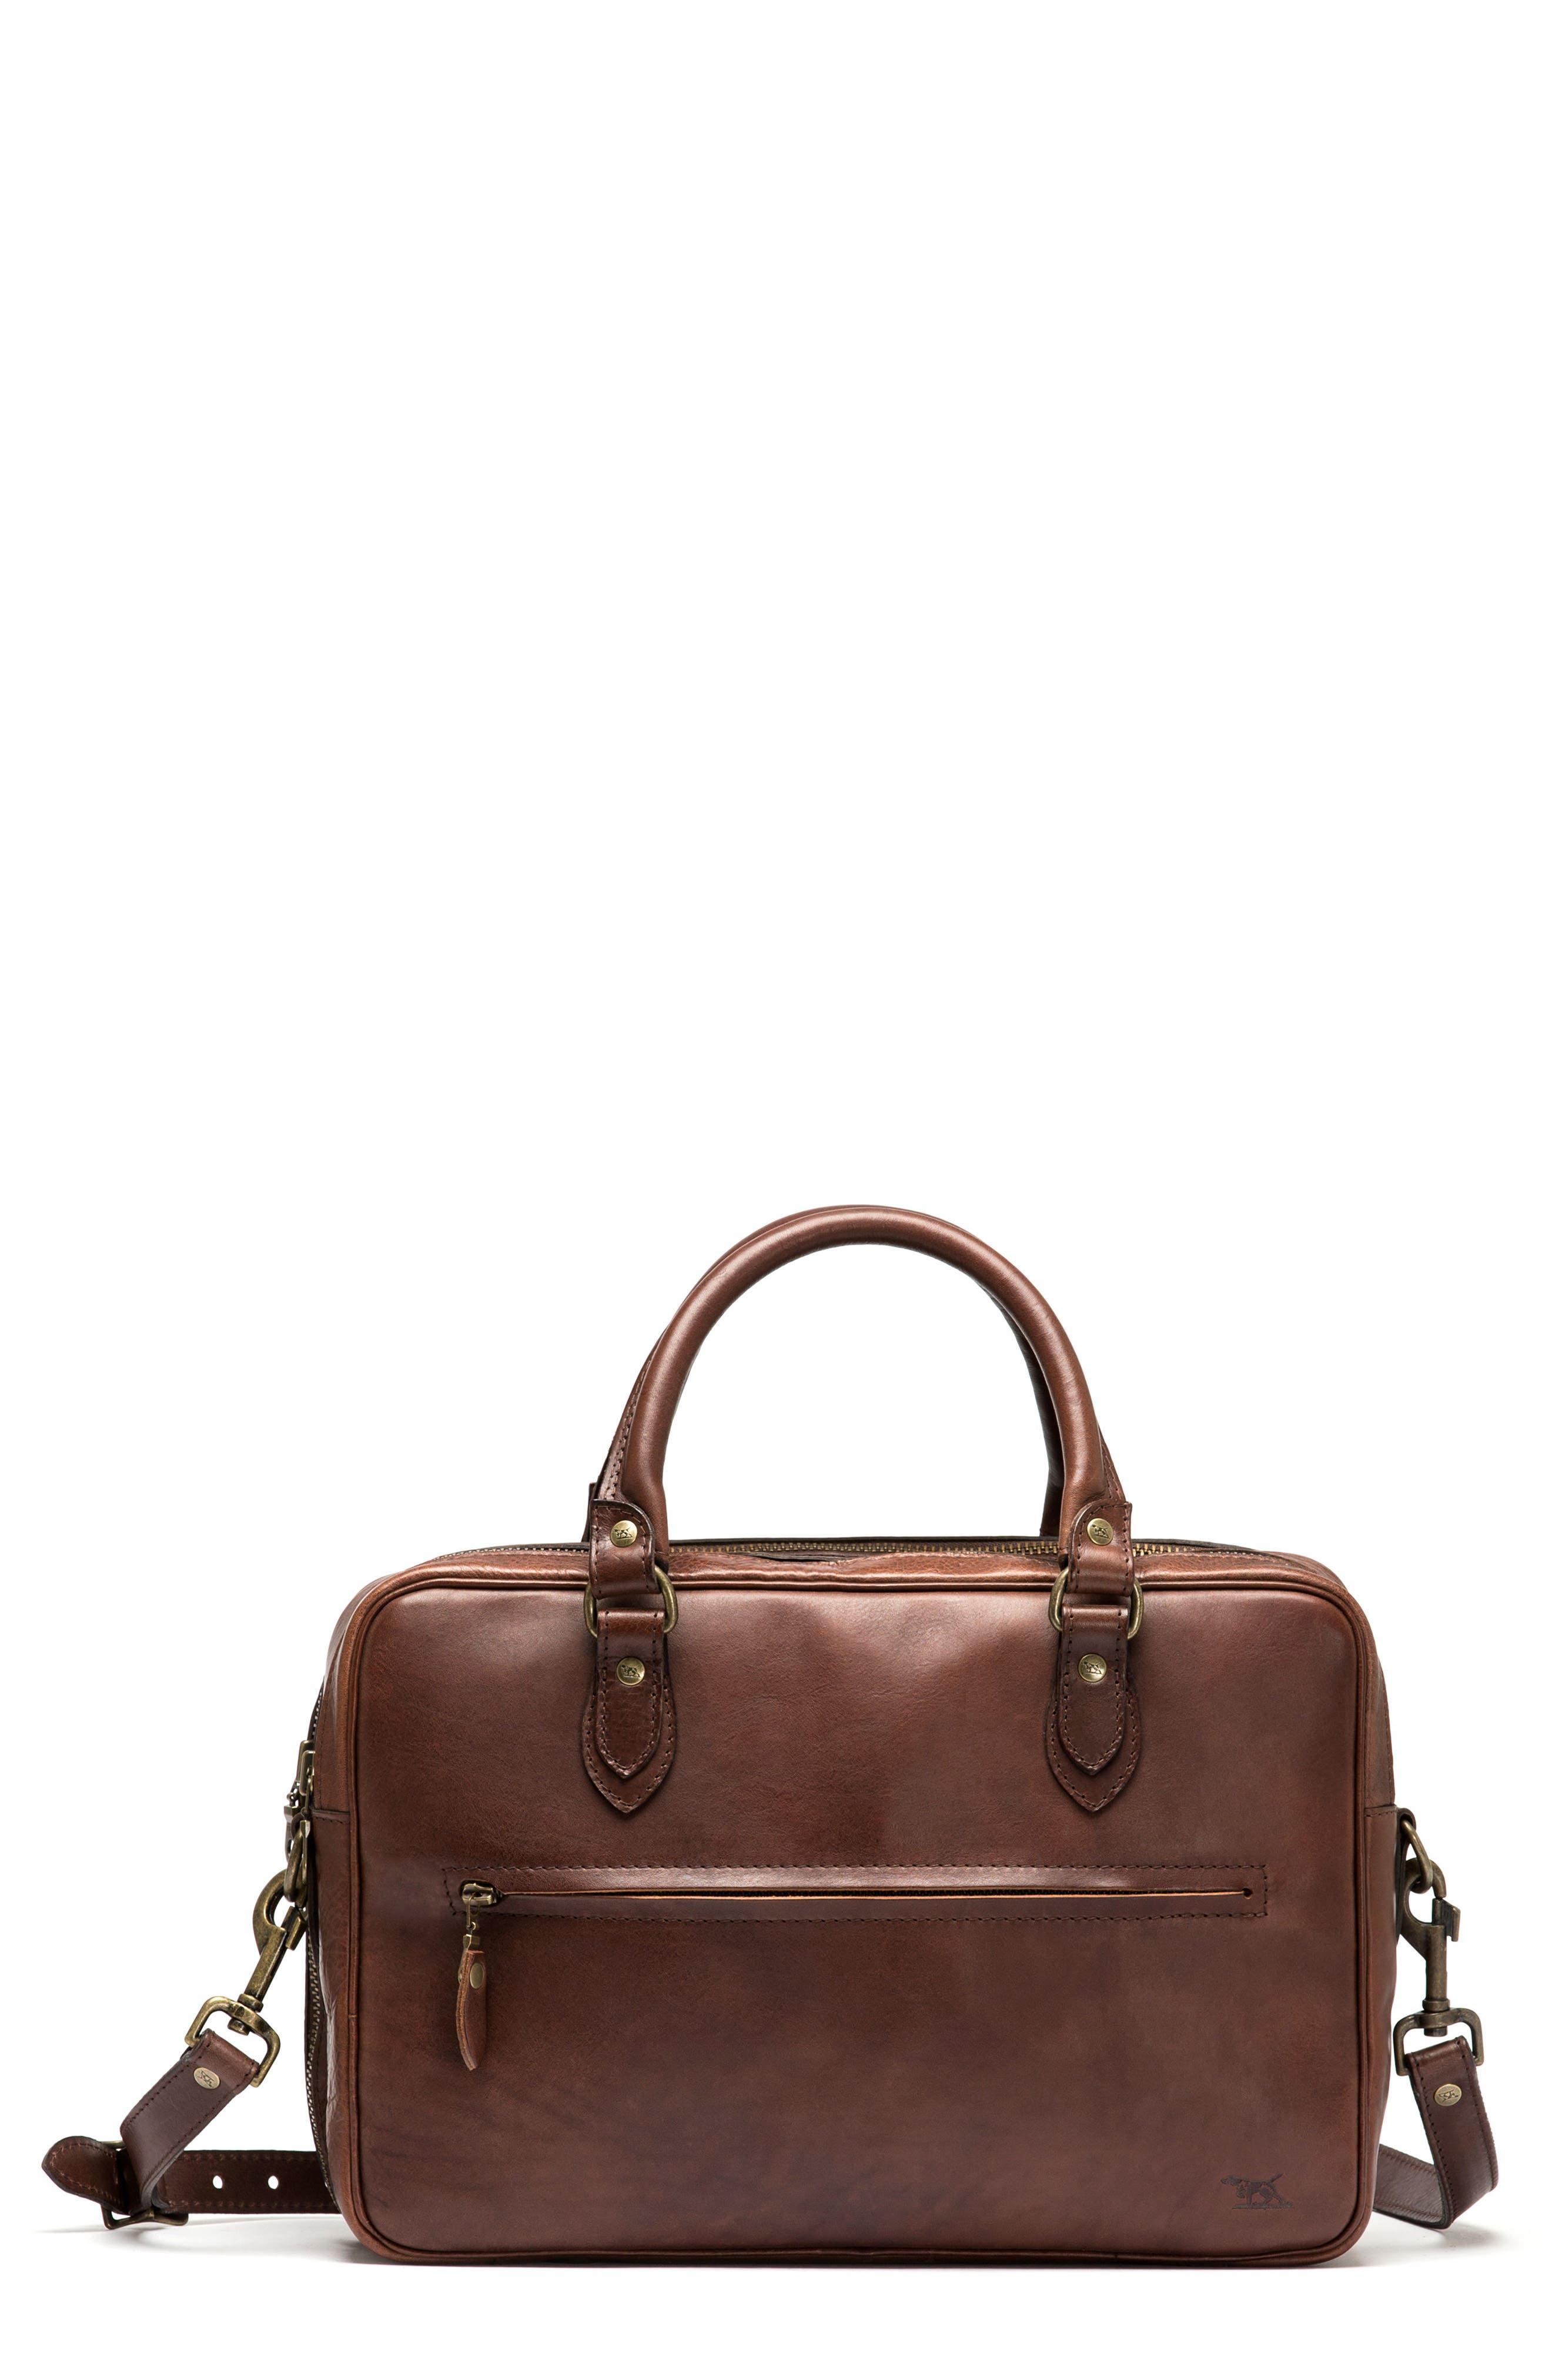 Rodd & Gunn Britomart Leather Briefcase